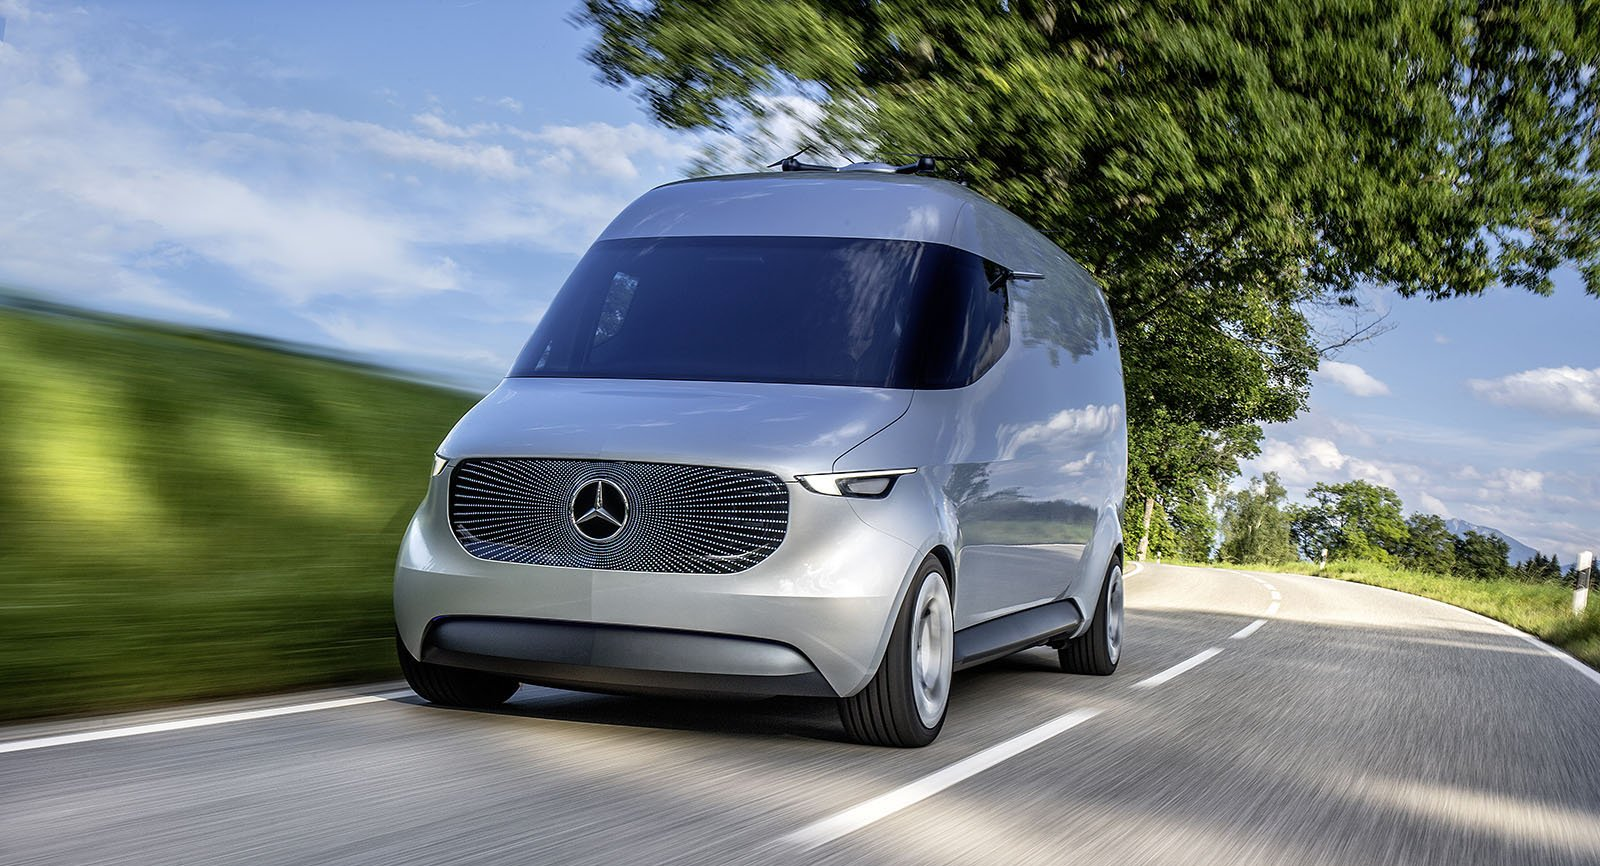 Mercedes-Benz Vision Van fulländad teknik och design ute på vägen.